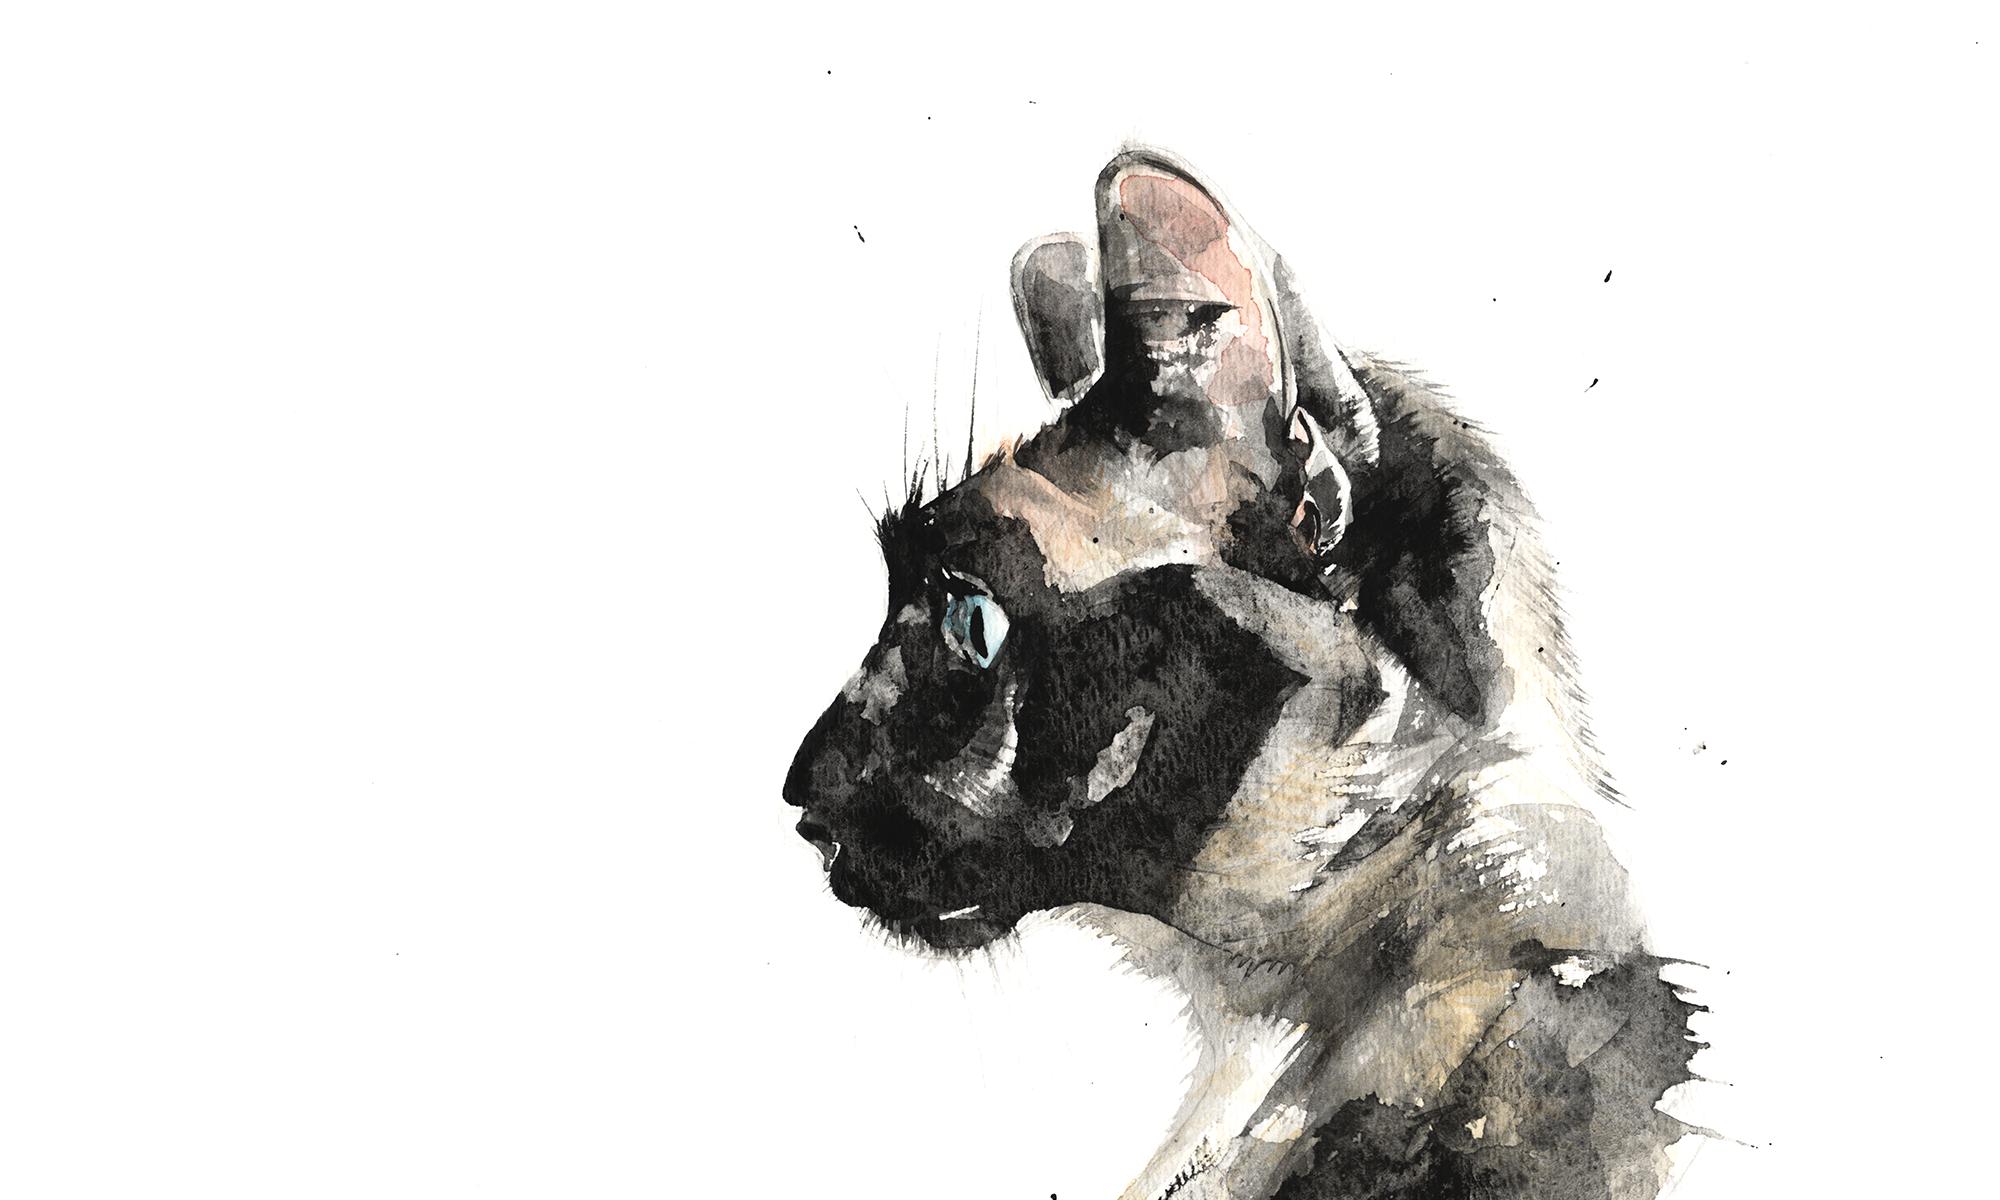 Cat Graff